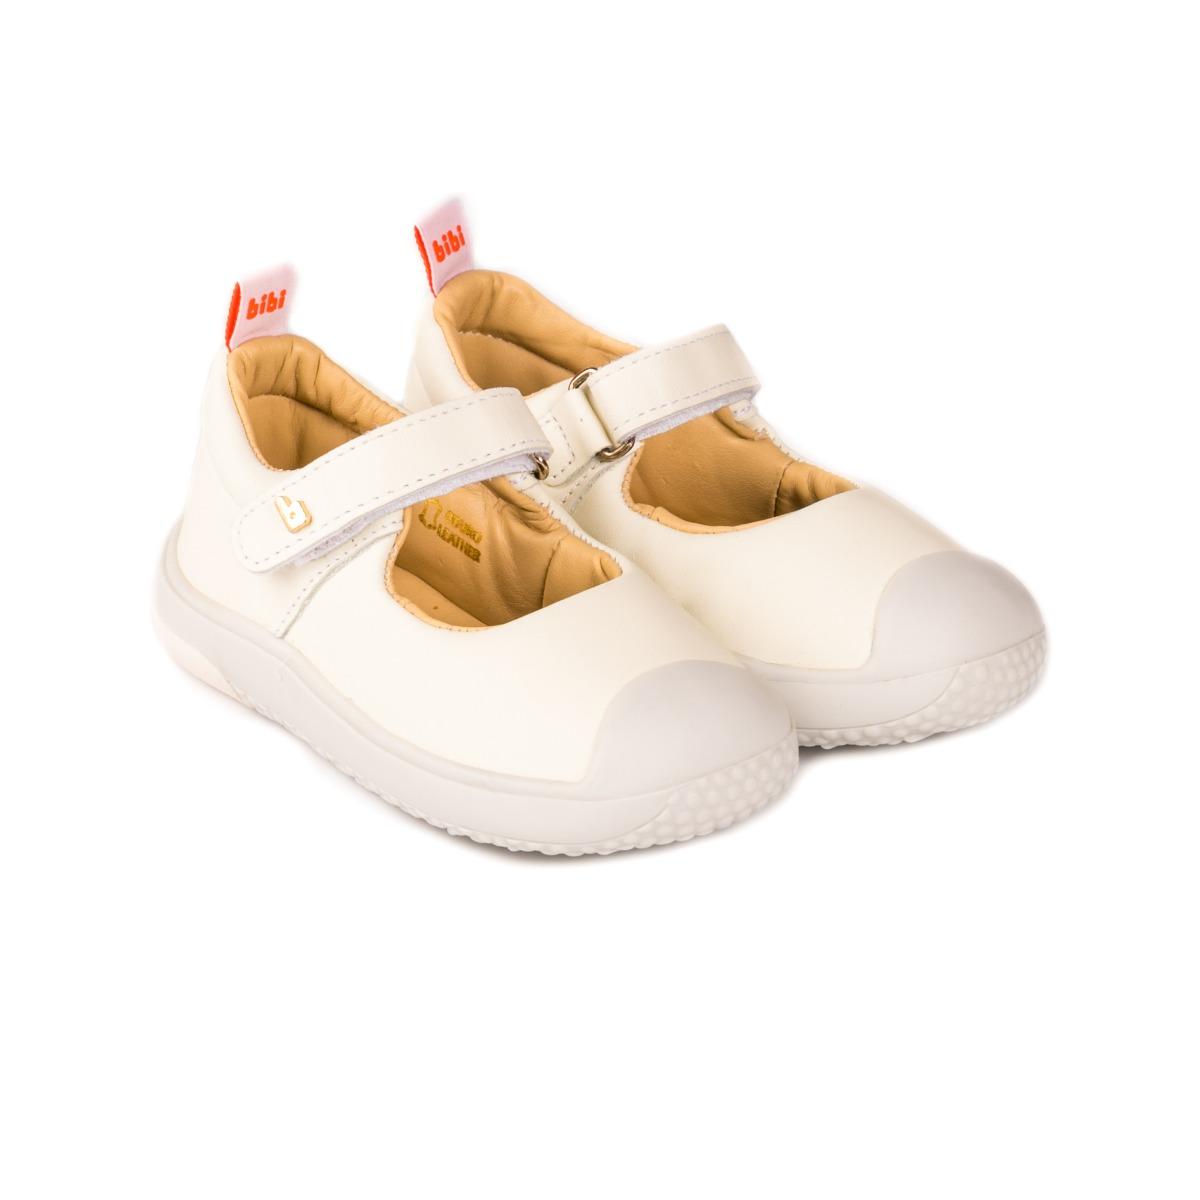 Pantofi Din Piele Bibi Shoes Prewalker, Alb